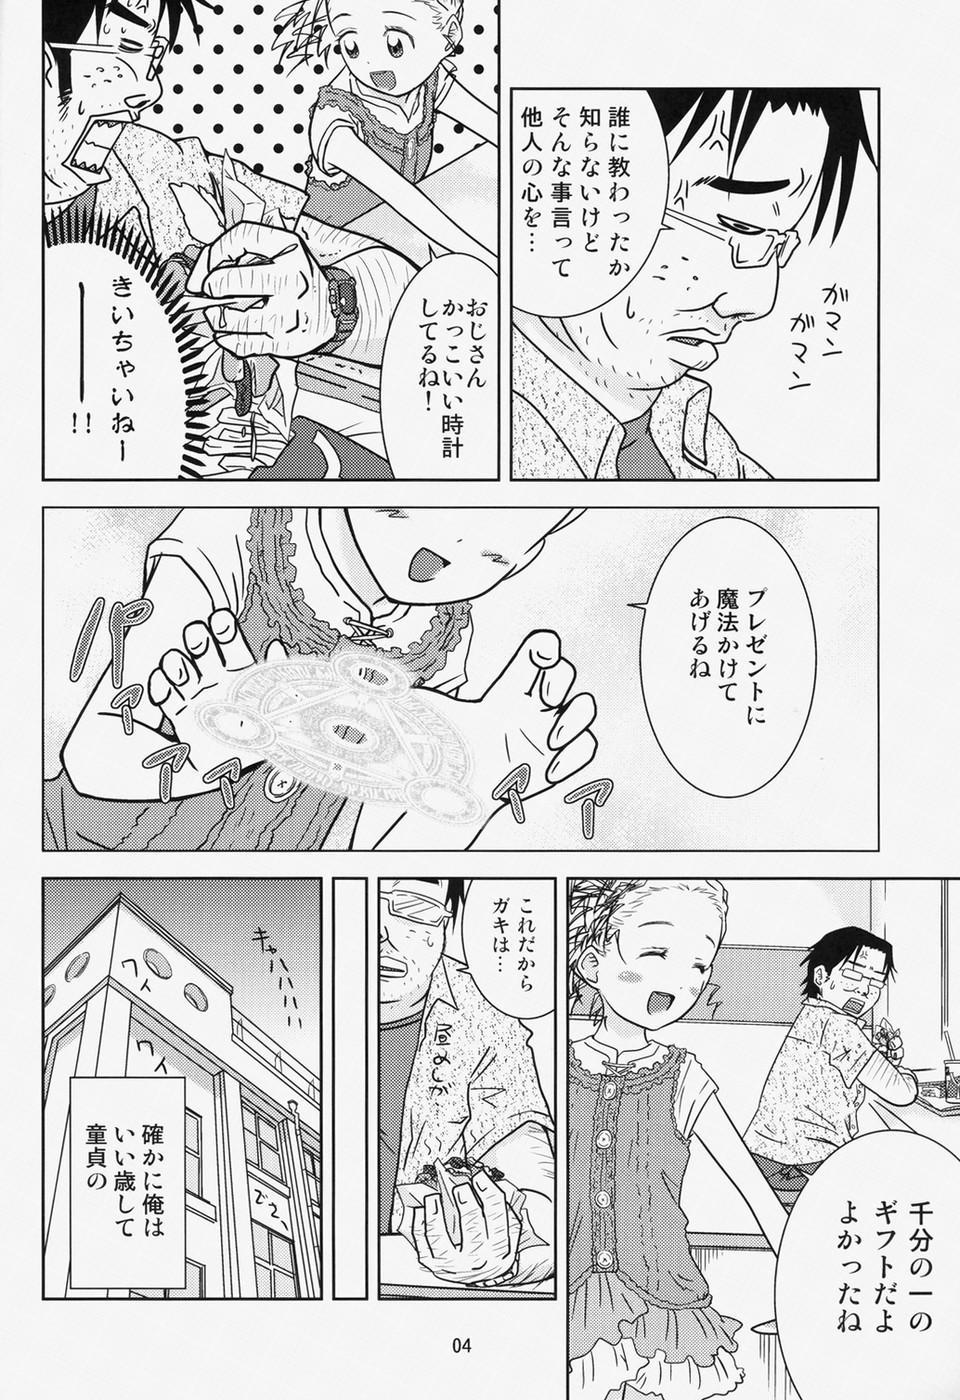 Moshimo Jikan ga Tomattara!? 2 Byou 2